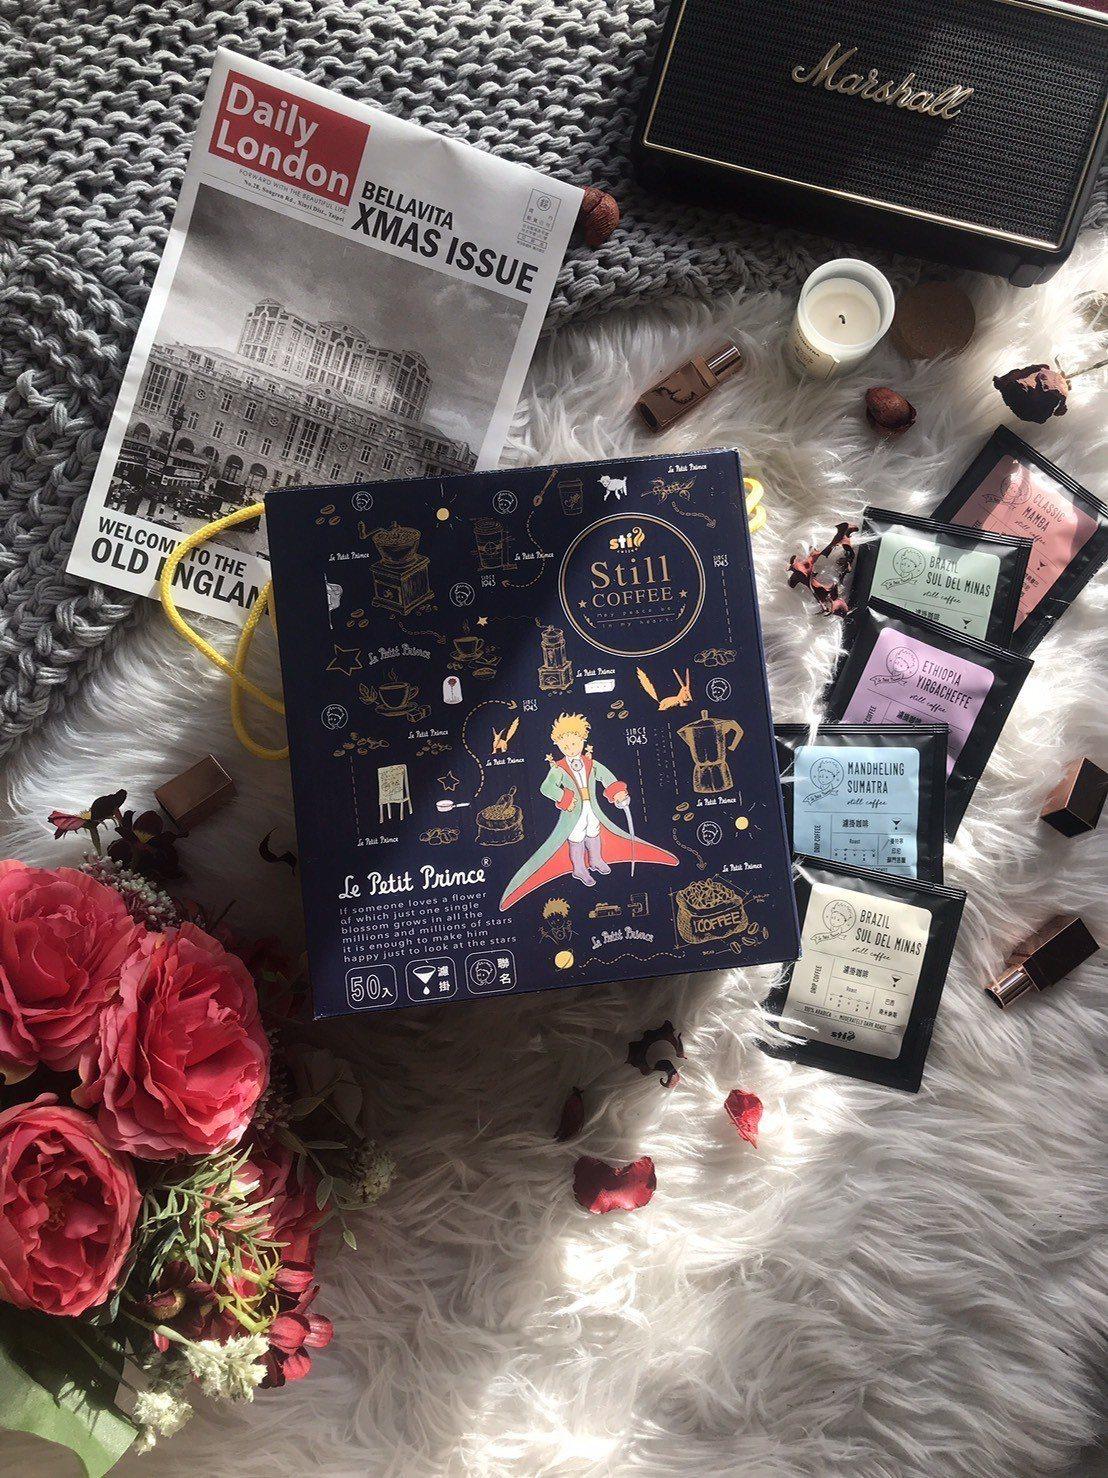 SOGO忠孝館耶誕市集,雅蒙蒂小王子濾掛咖啡禮盒售價990元。圖/SOGO提供